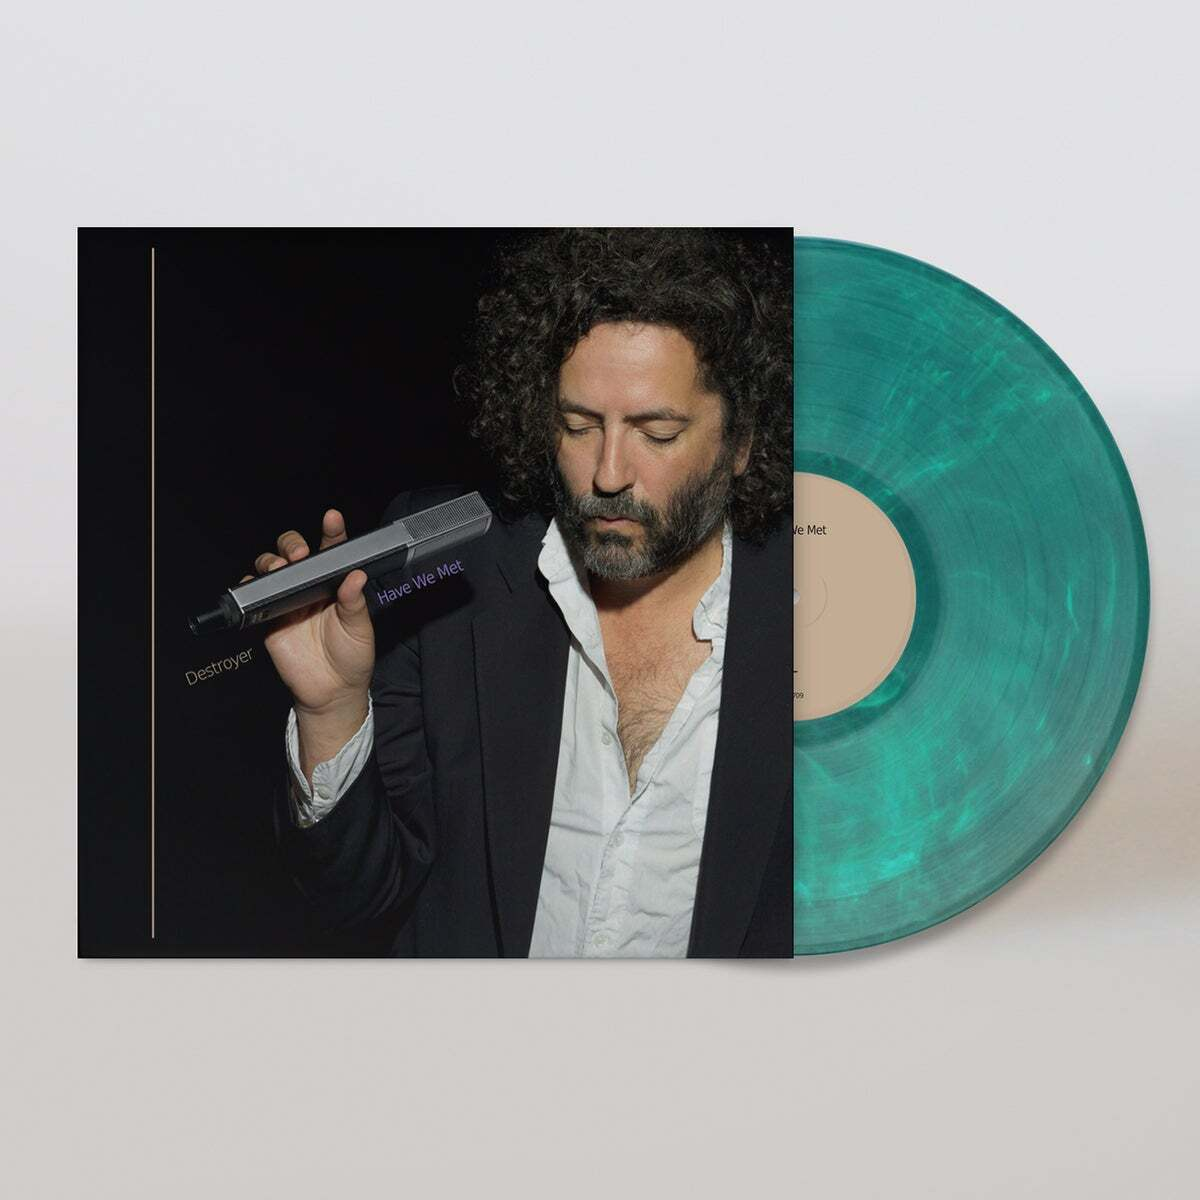 Destroyer - Have We Met (Indie LTD. Seafoam Green LP)